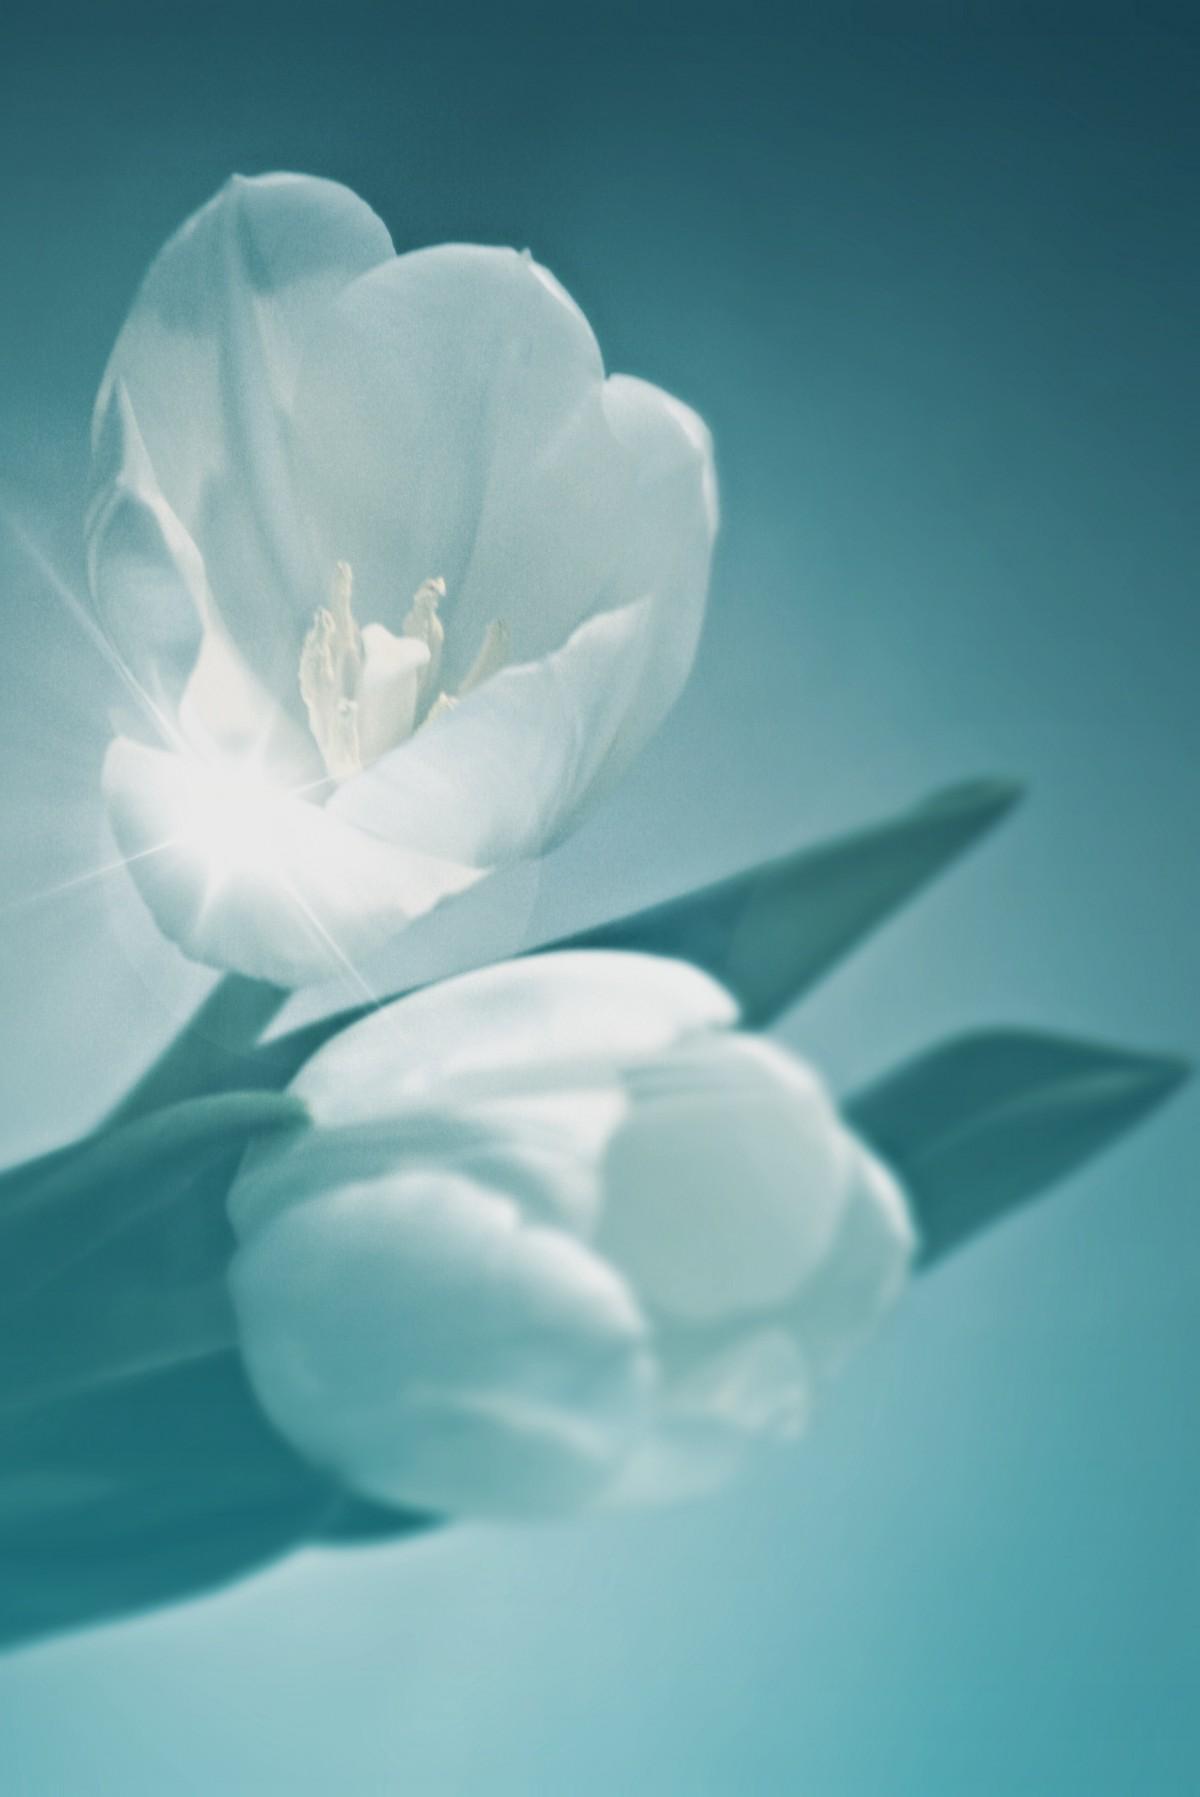 Gambar Mekar Menanam Putih Vintage Daun Bunga Bunga Tulp